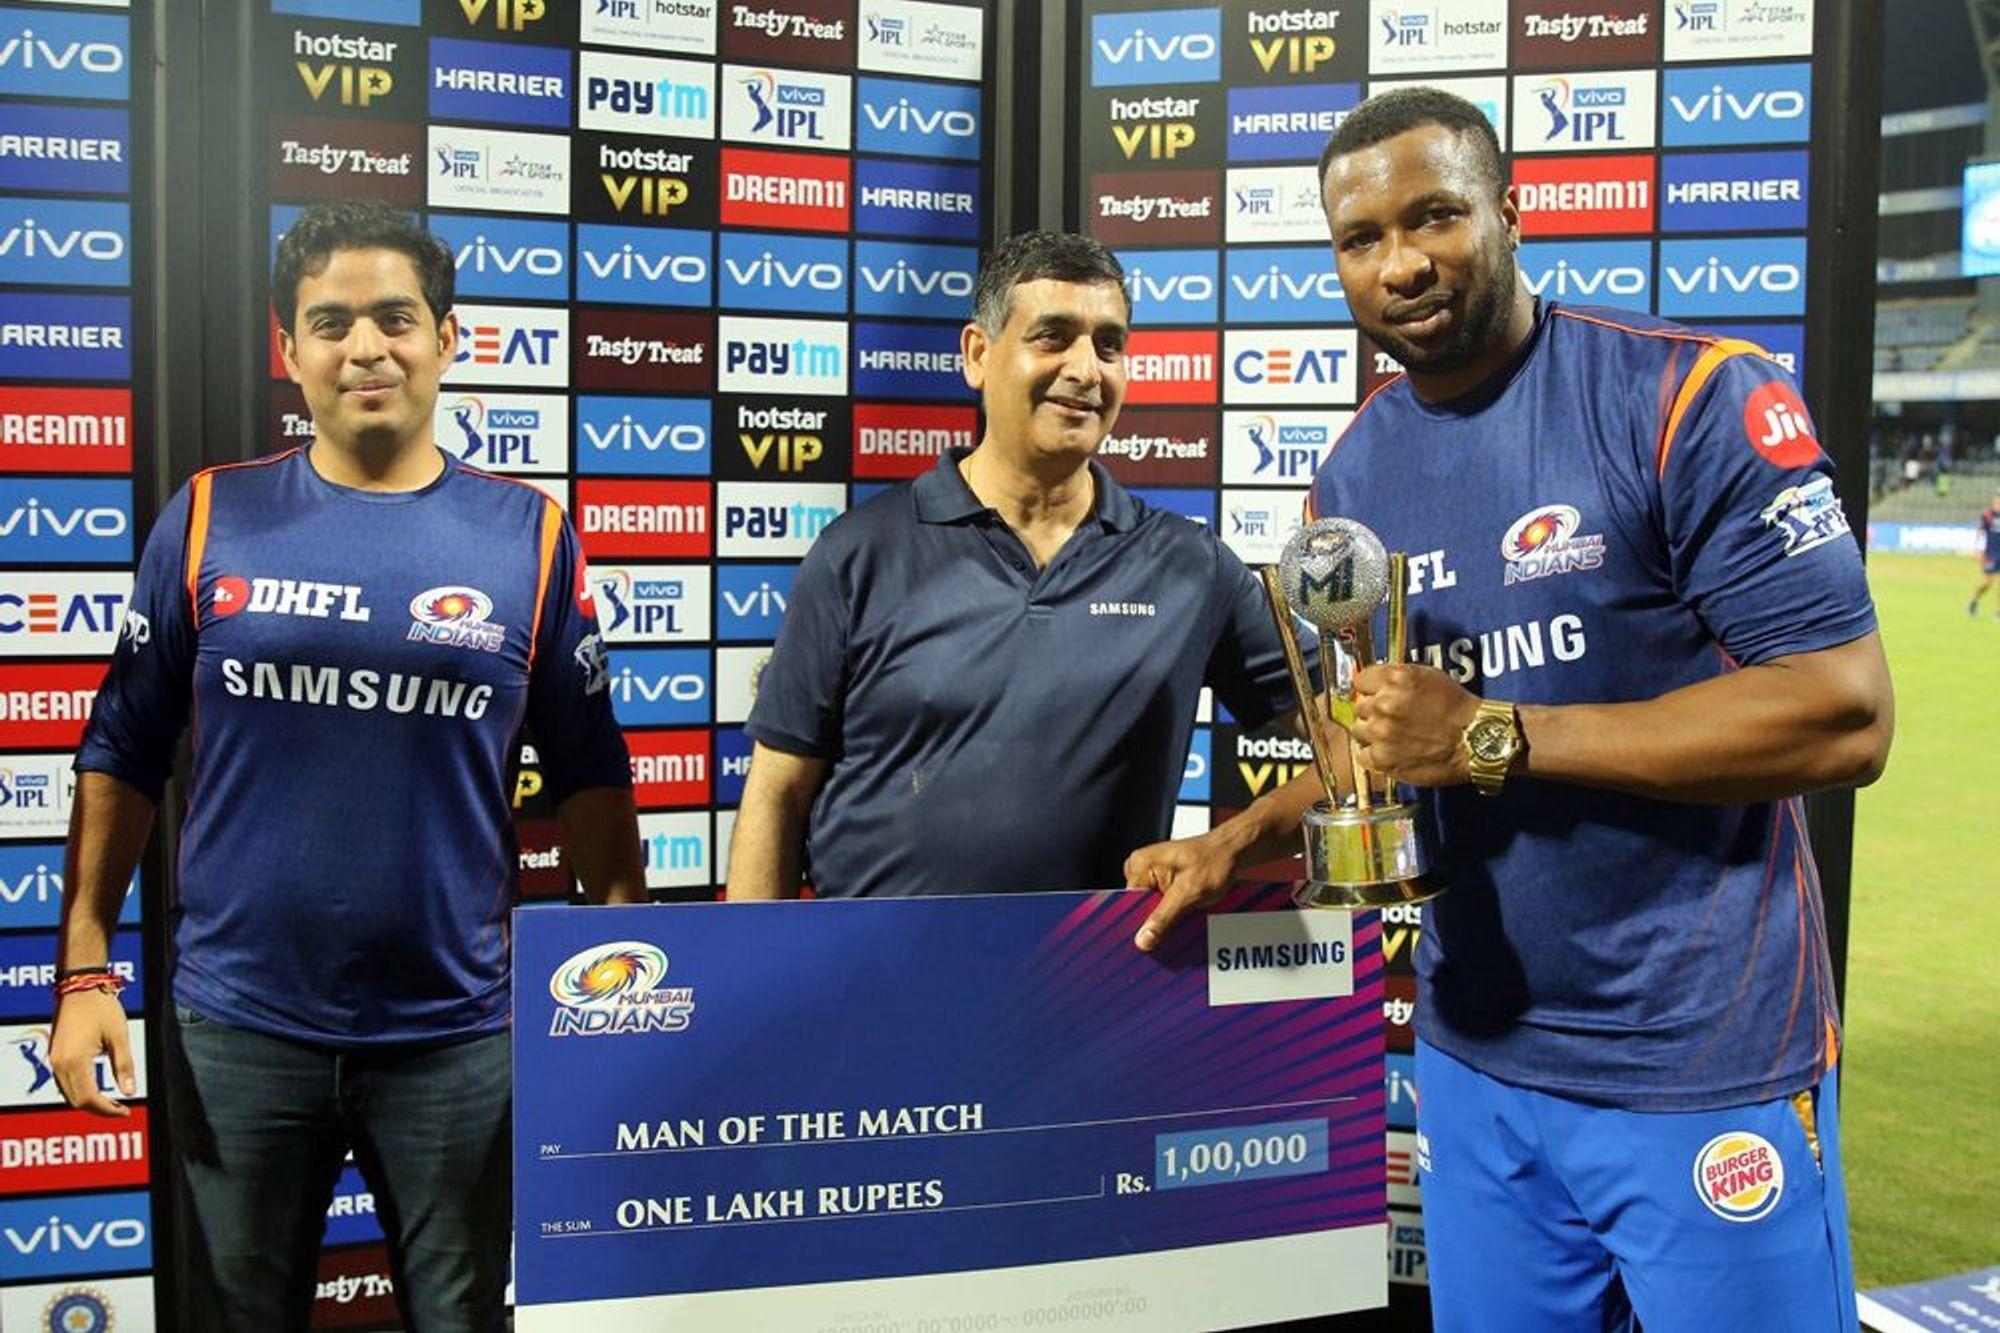 मैन ऑफ द मैच किरोन पोलार्ड ने रोहित शर्मा के लिए कही ऐसी बात, जीत लिया करोड़ों भारतियों का दिल